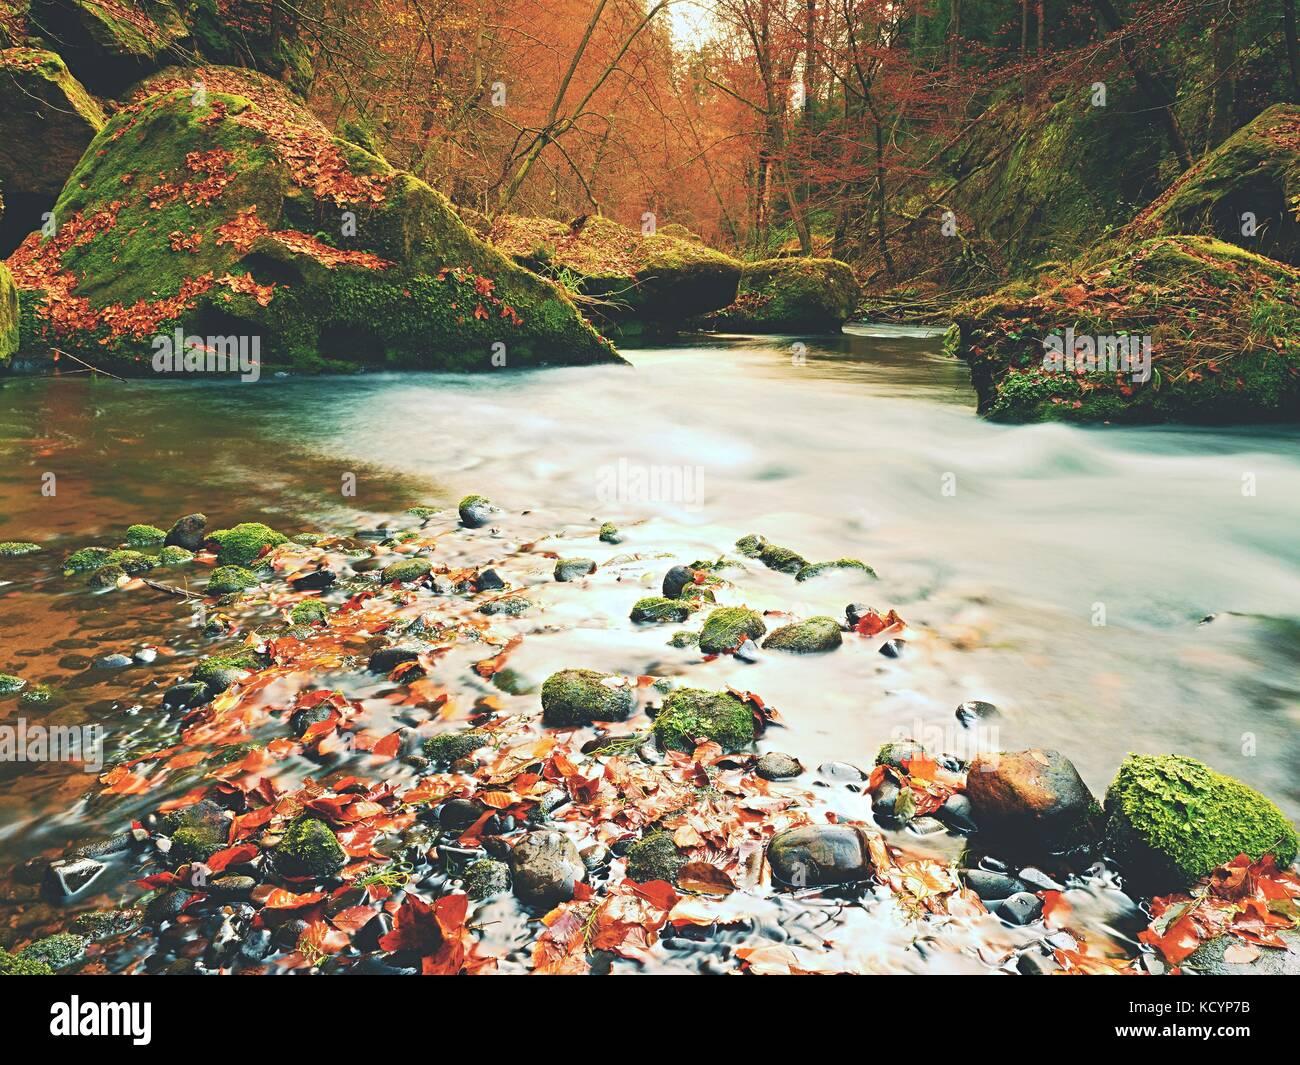 Banque de Stony Mountain river automne couvertes par Orange feuilles de hêtre frais feuilles colorées. sur les branches au-dessus de l'eau faire la réflexion Banque D'Images